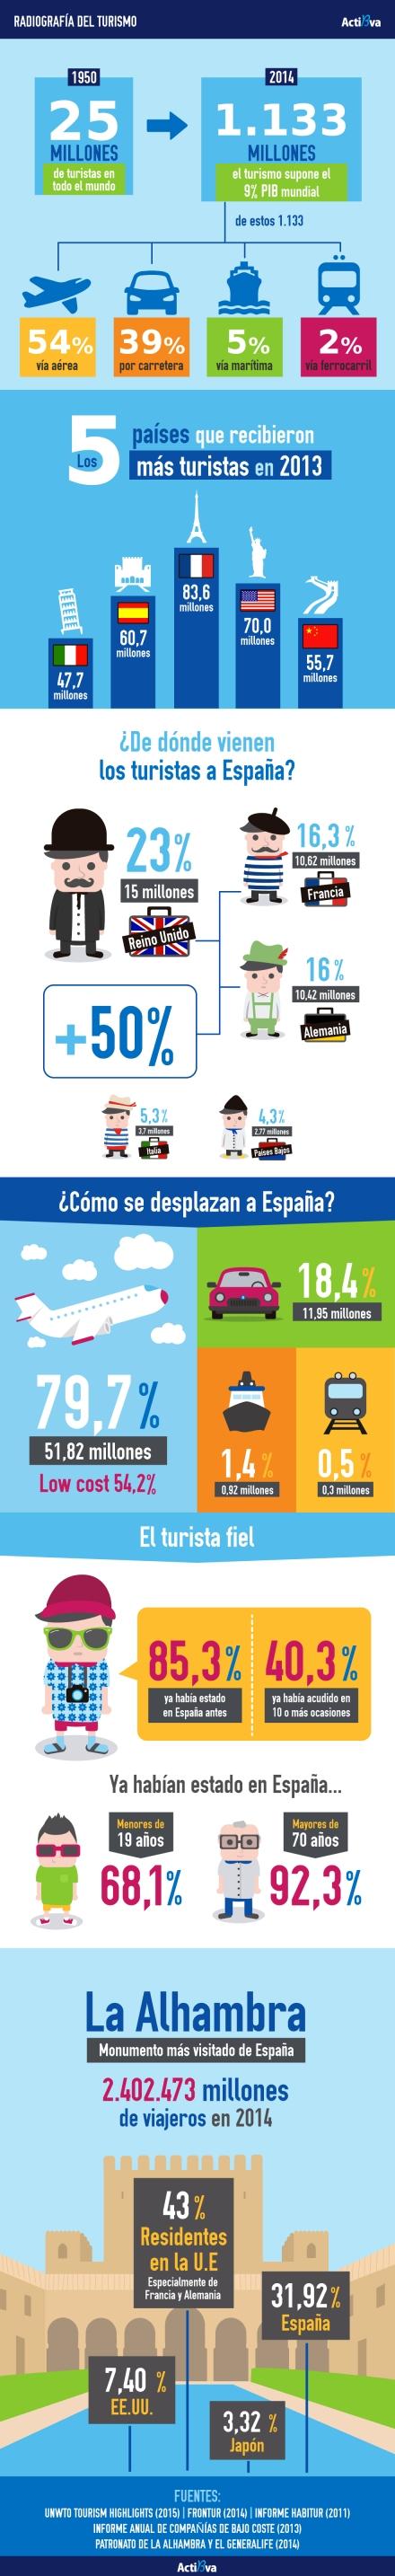 Cómo es el turista que viene a España 2015